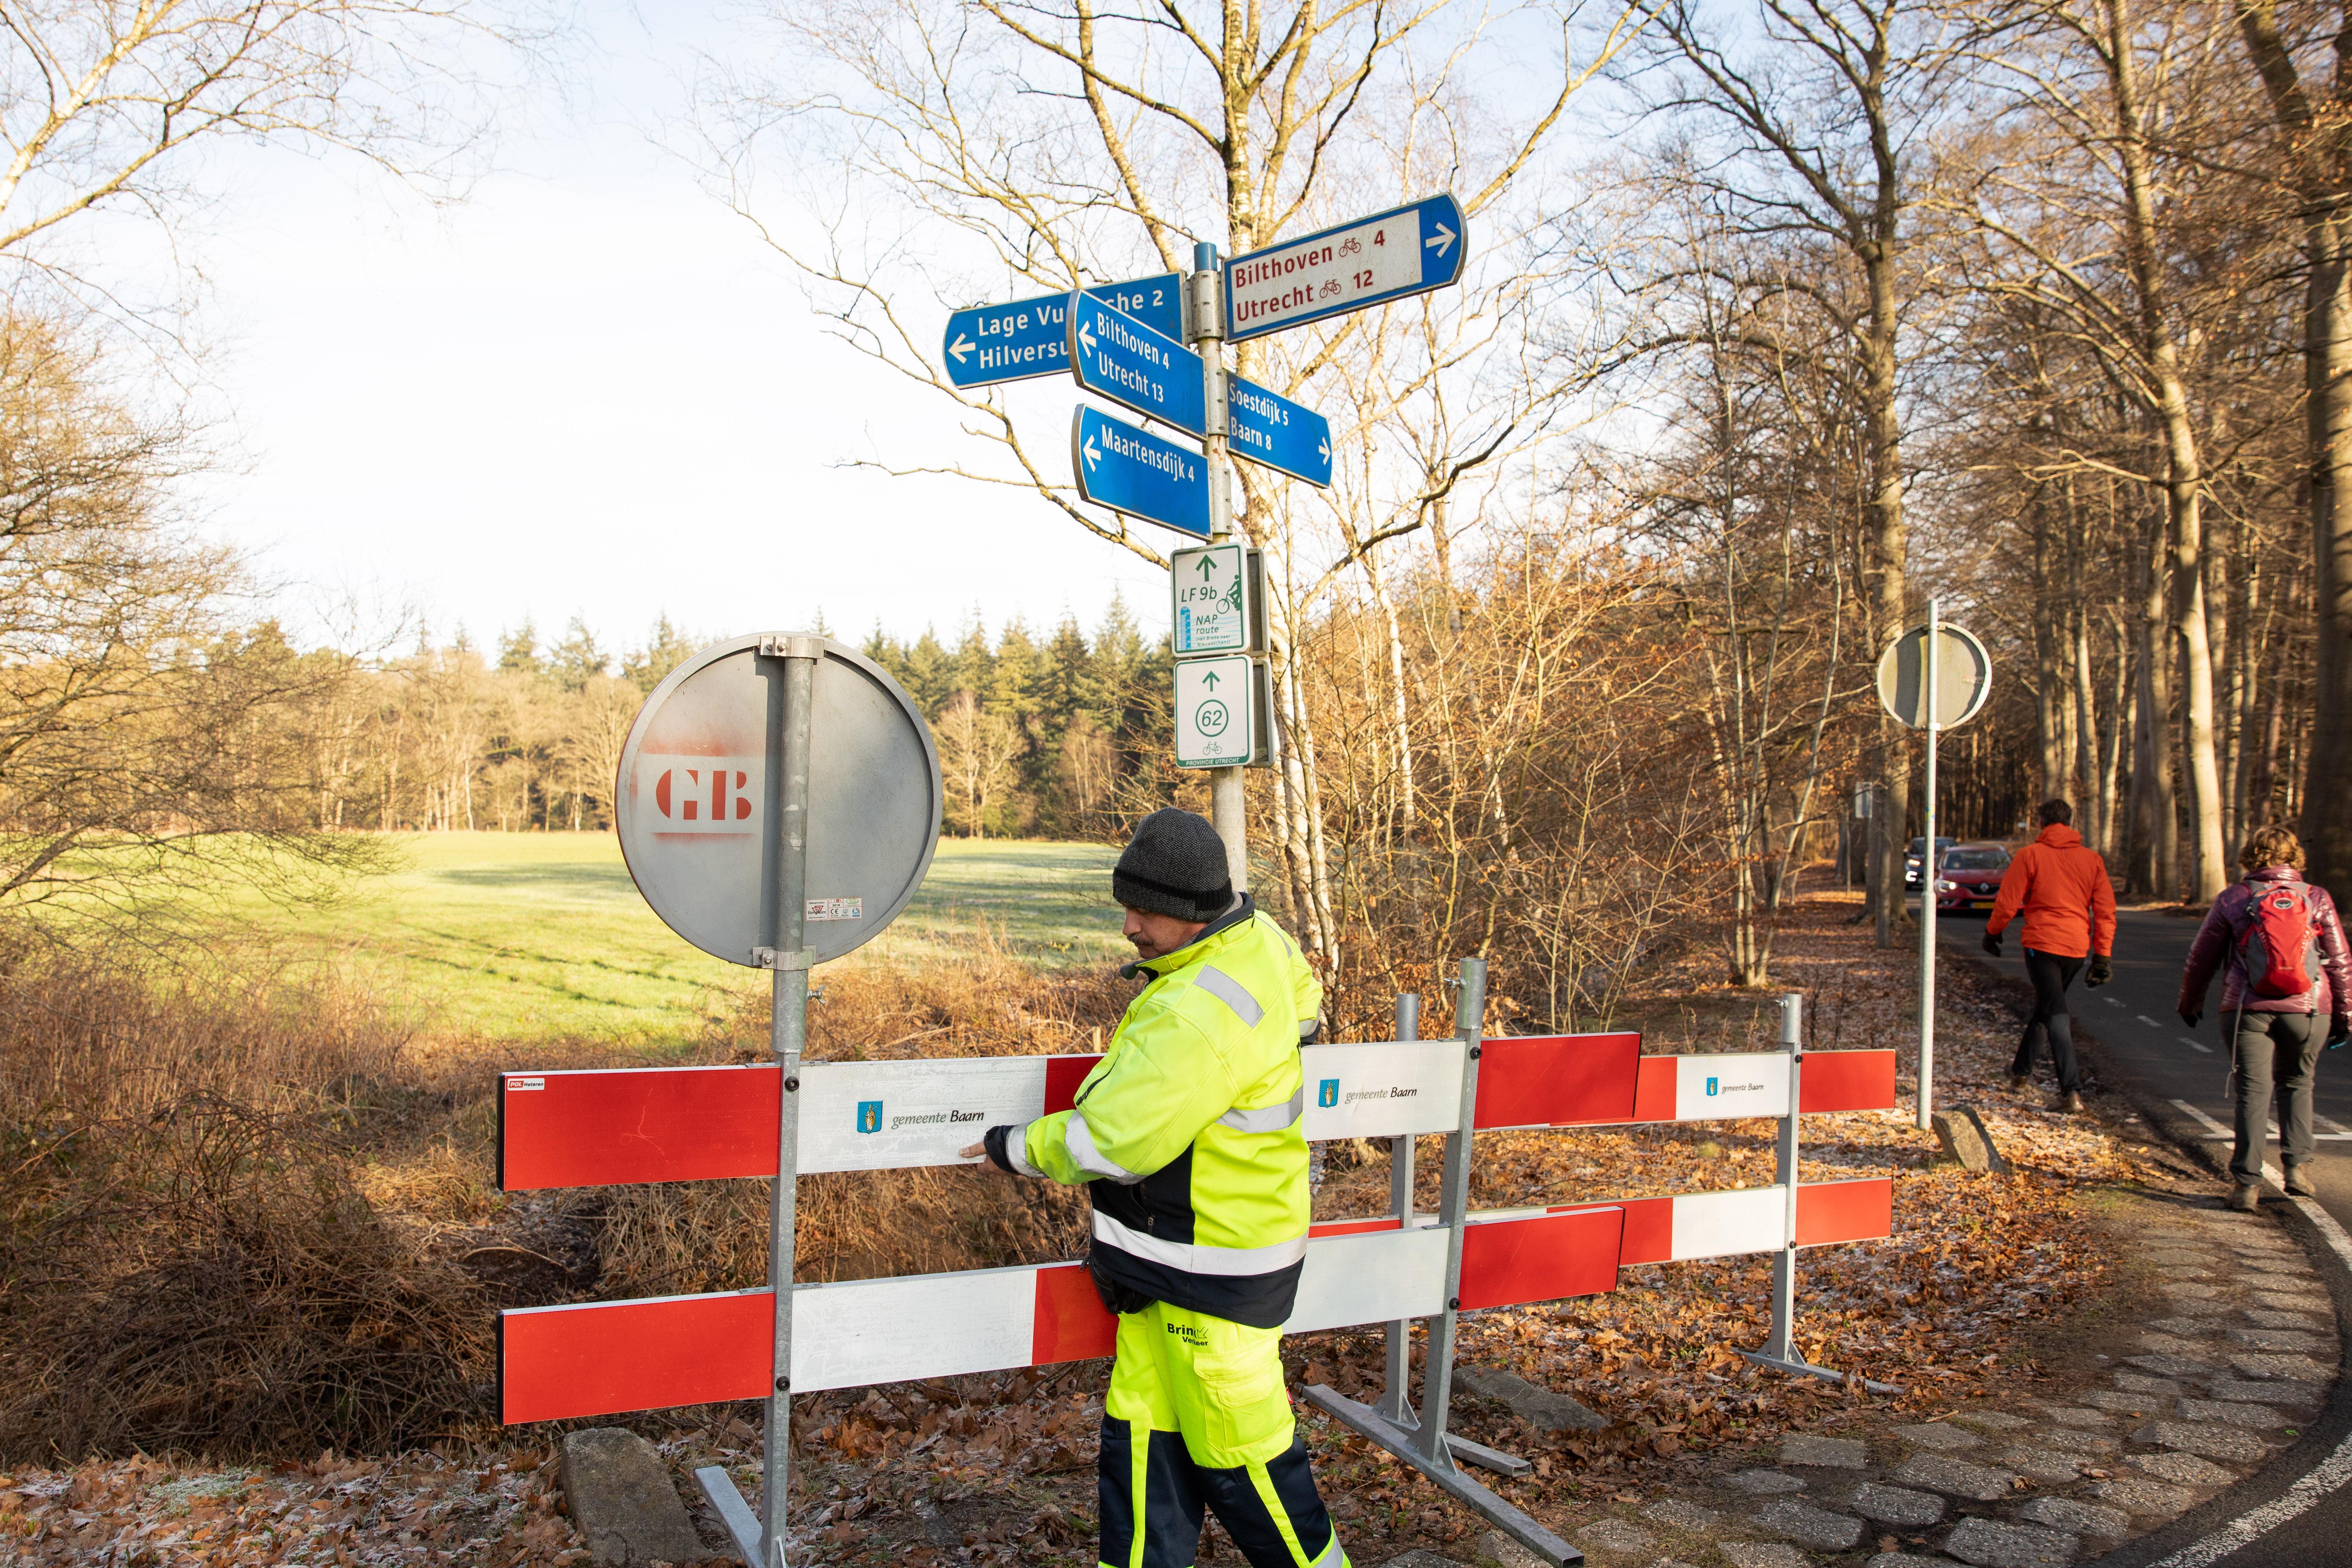 Lage Vuursche opnieuw afgesloten voor auto's, ook parkeerterrein kasteel Groeneveld op slot